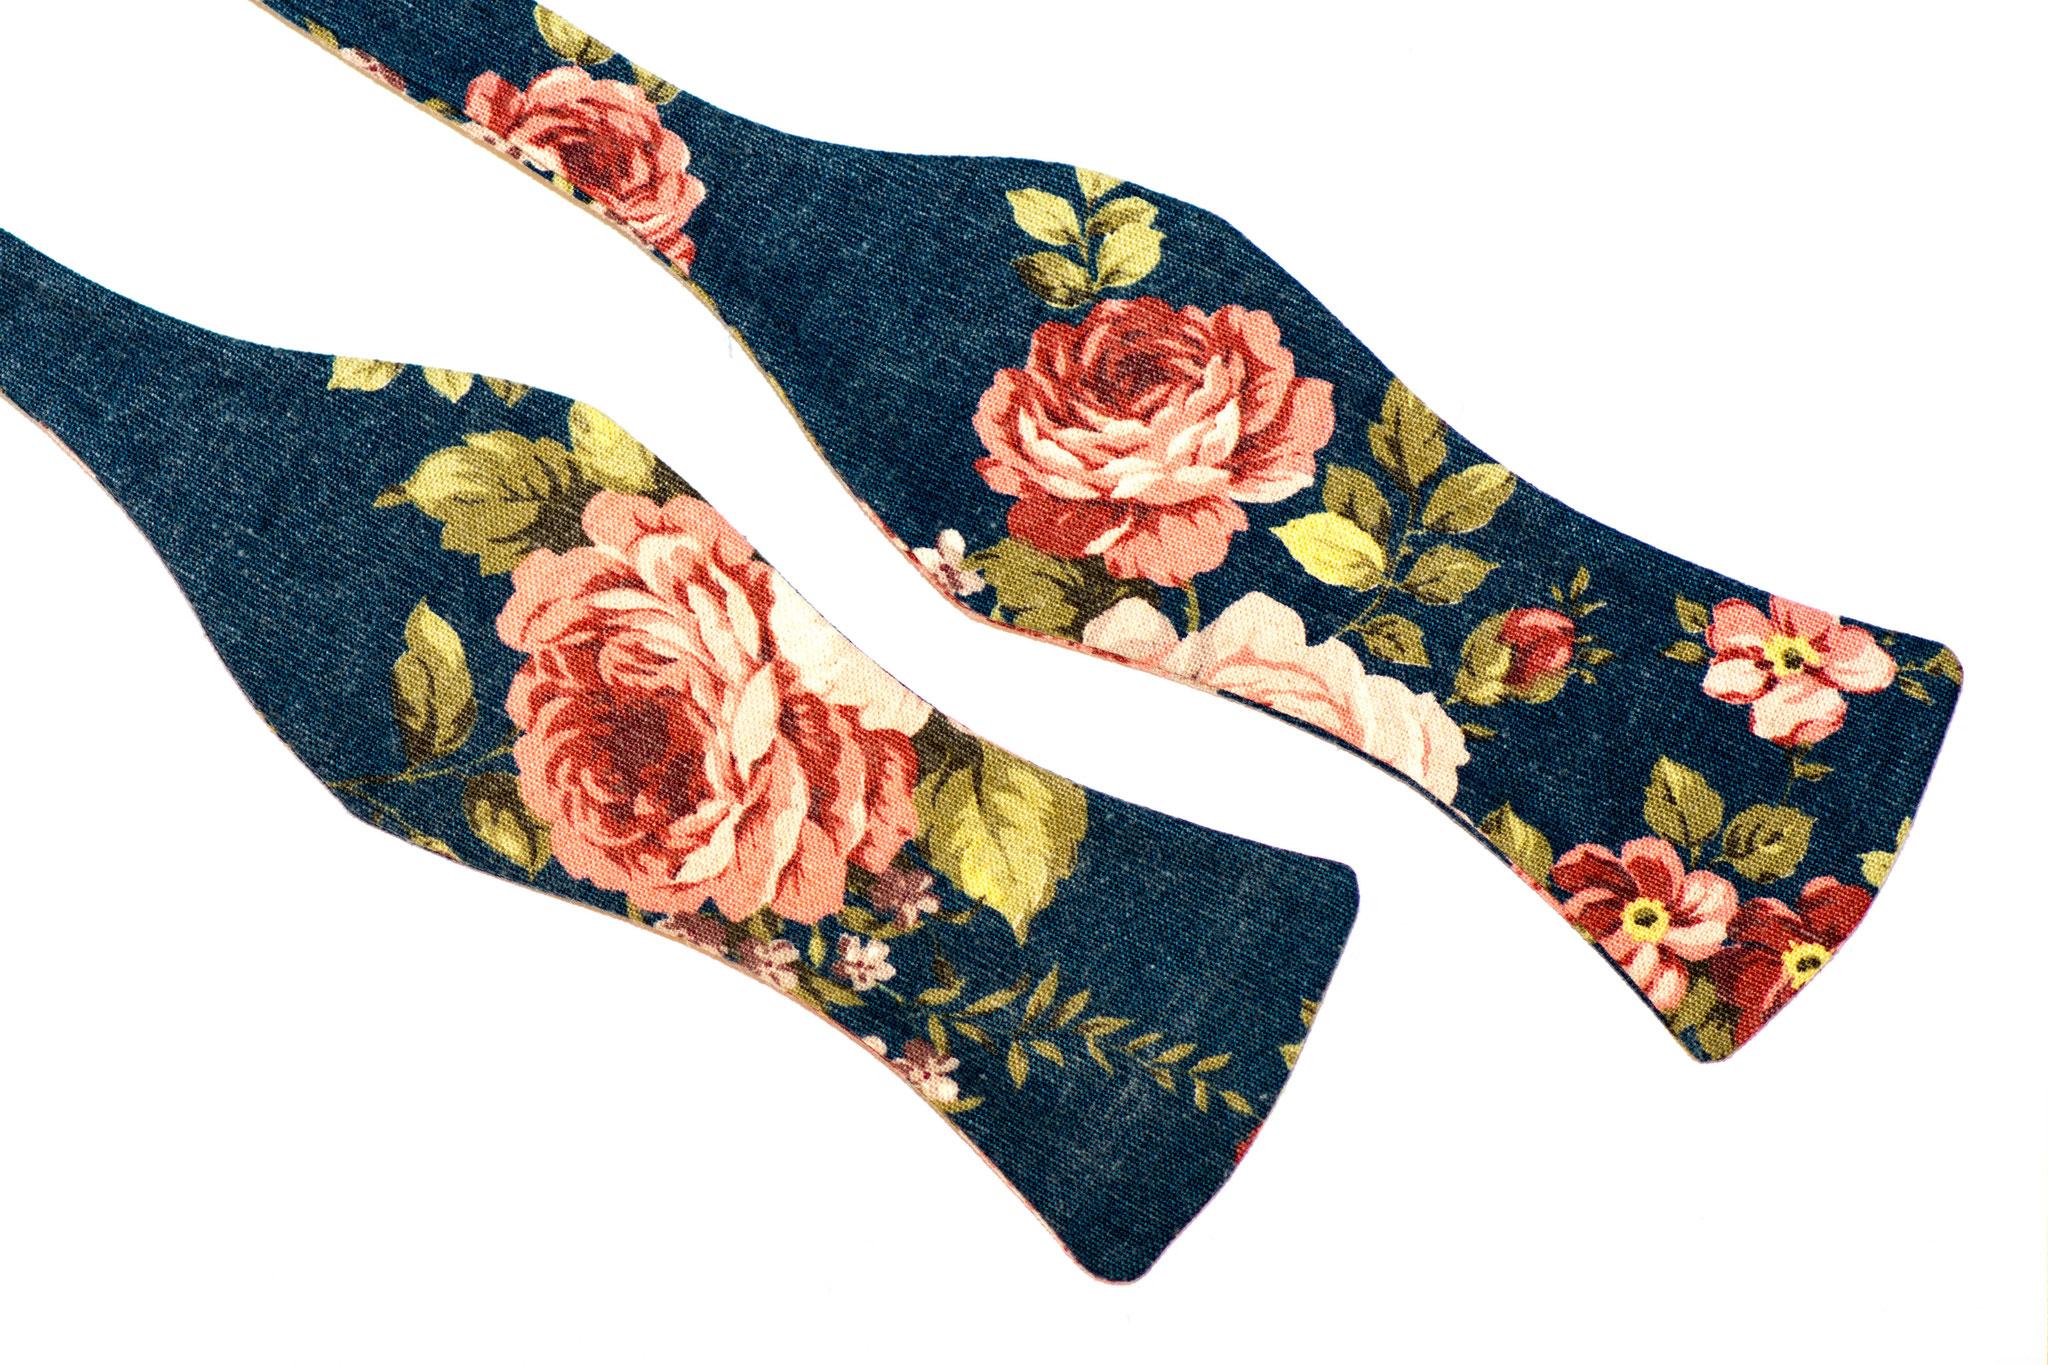 Blaue Herren Anzug Fliege mit Blumen zum selbstbinden - Selbstbinder dunkelblau